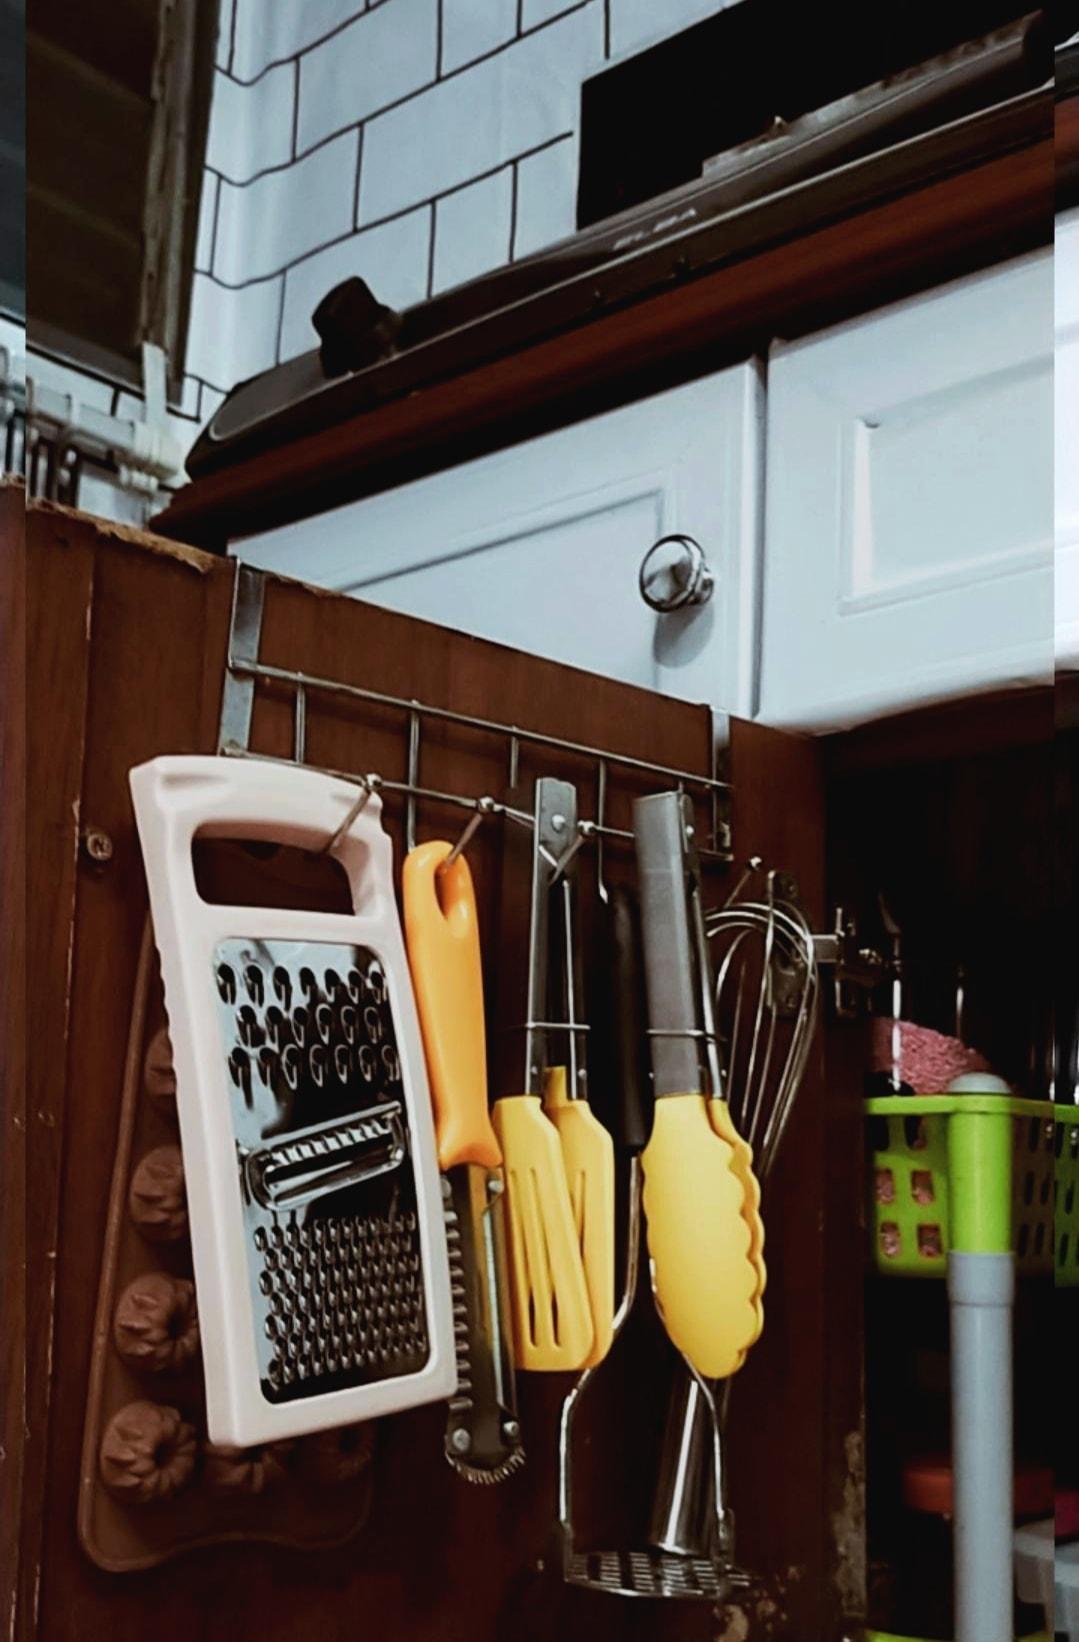 alatan dapur